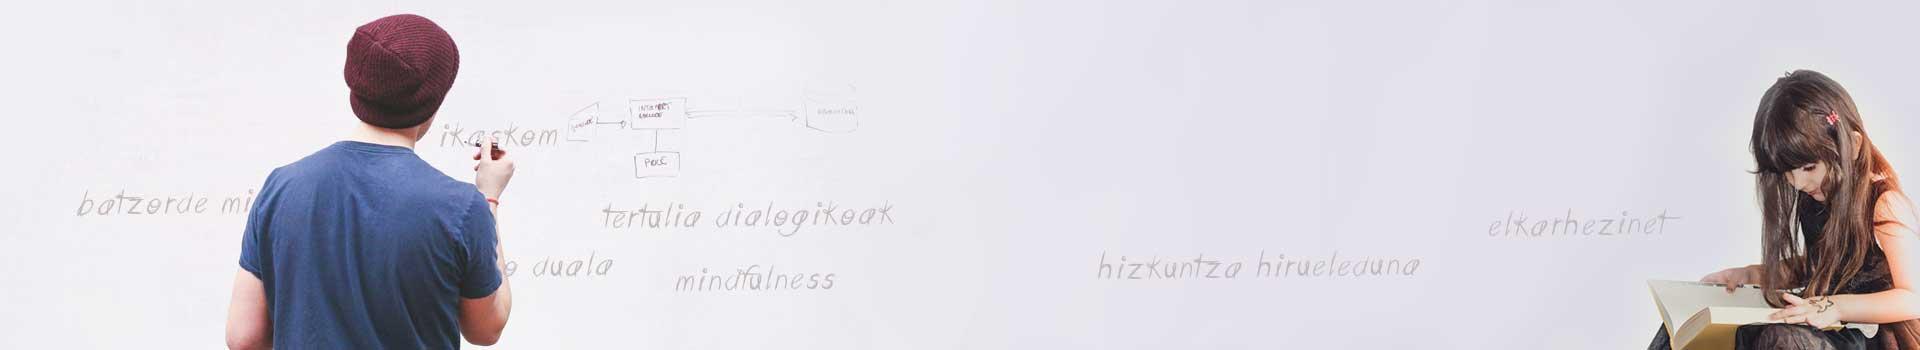 Proiektuak · Elkar Hezi